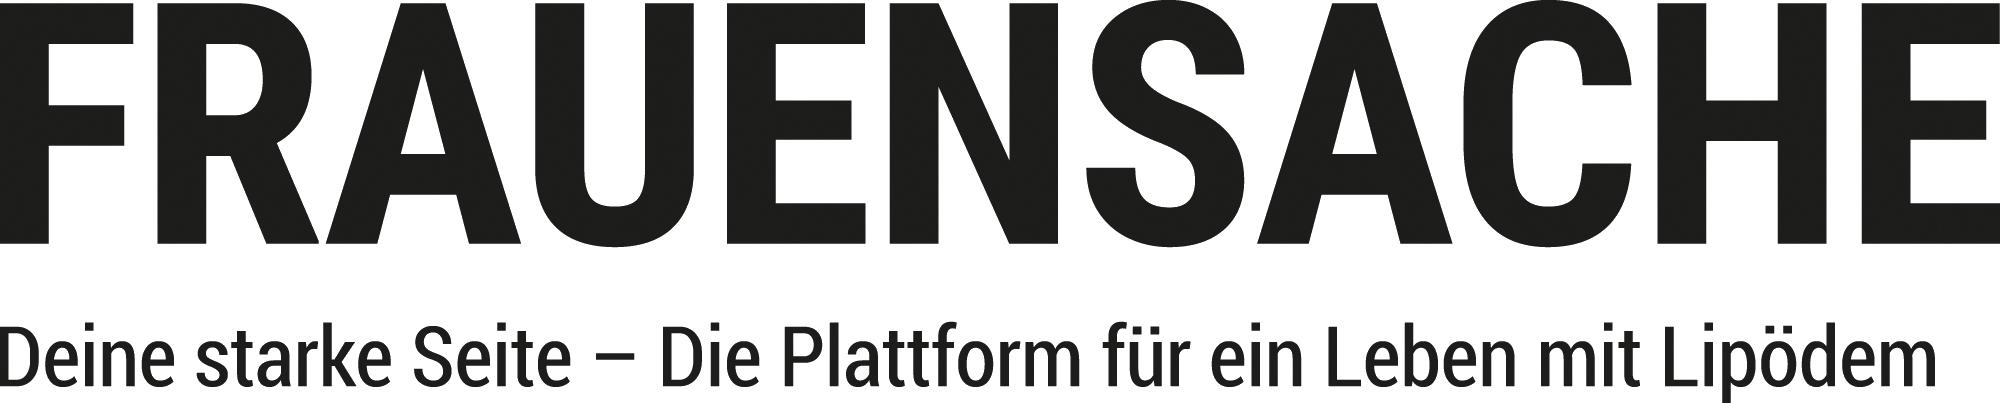 frauensache-logo-rgb